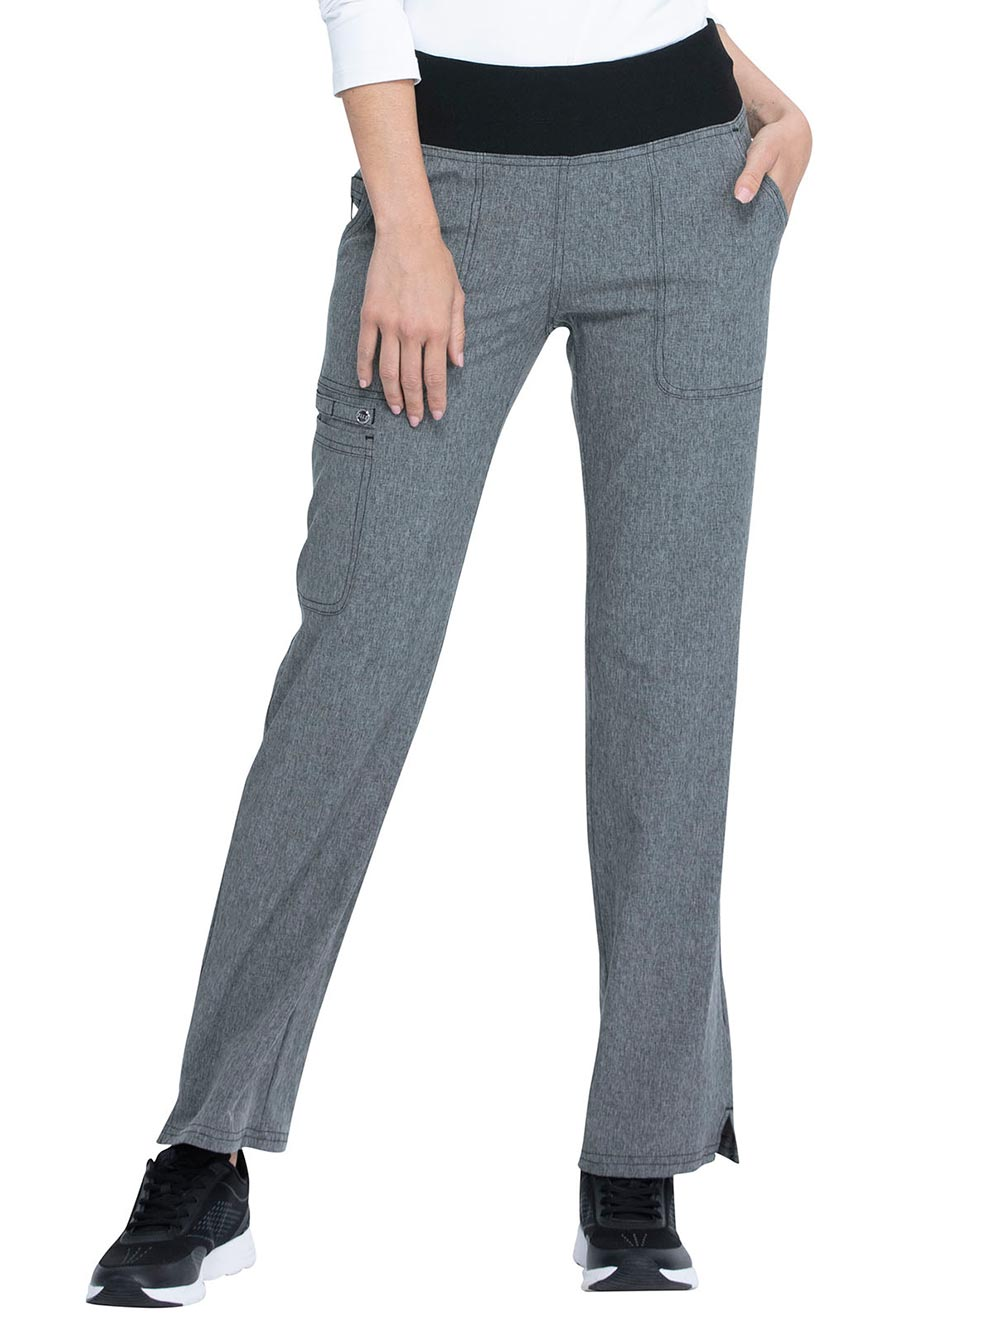 Mid Rise Straight Leg Pull-on Pant